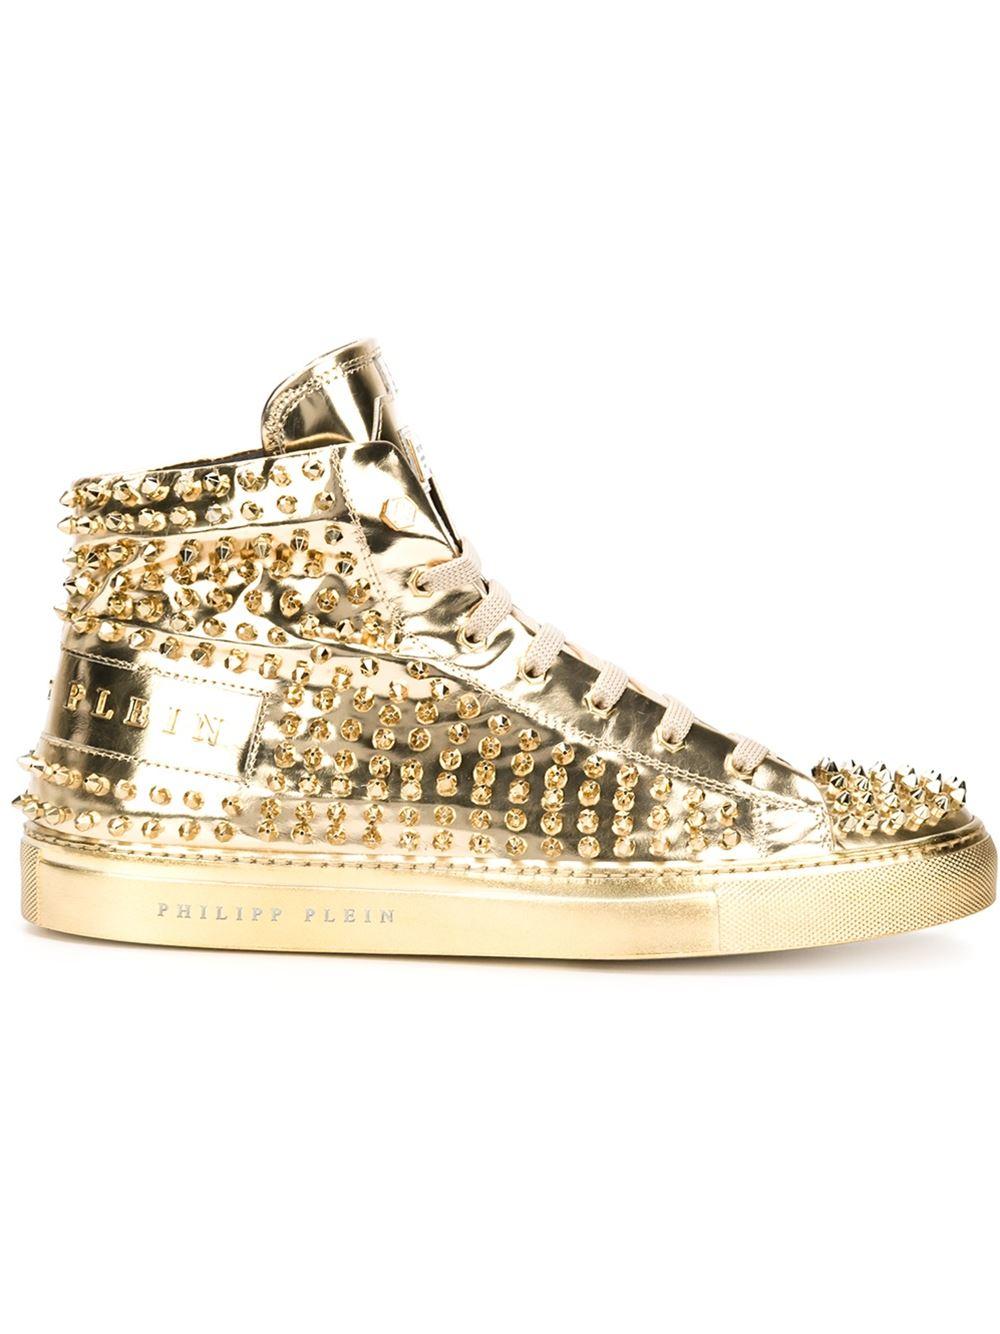 39de8ba09c Philipp Plein 'high' Hi-top Sneakers in Metallic for Men - Lyst